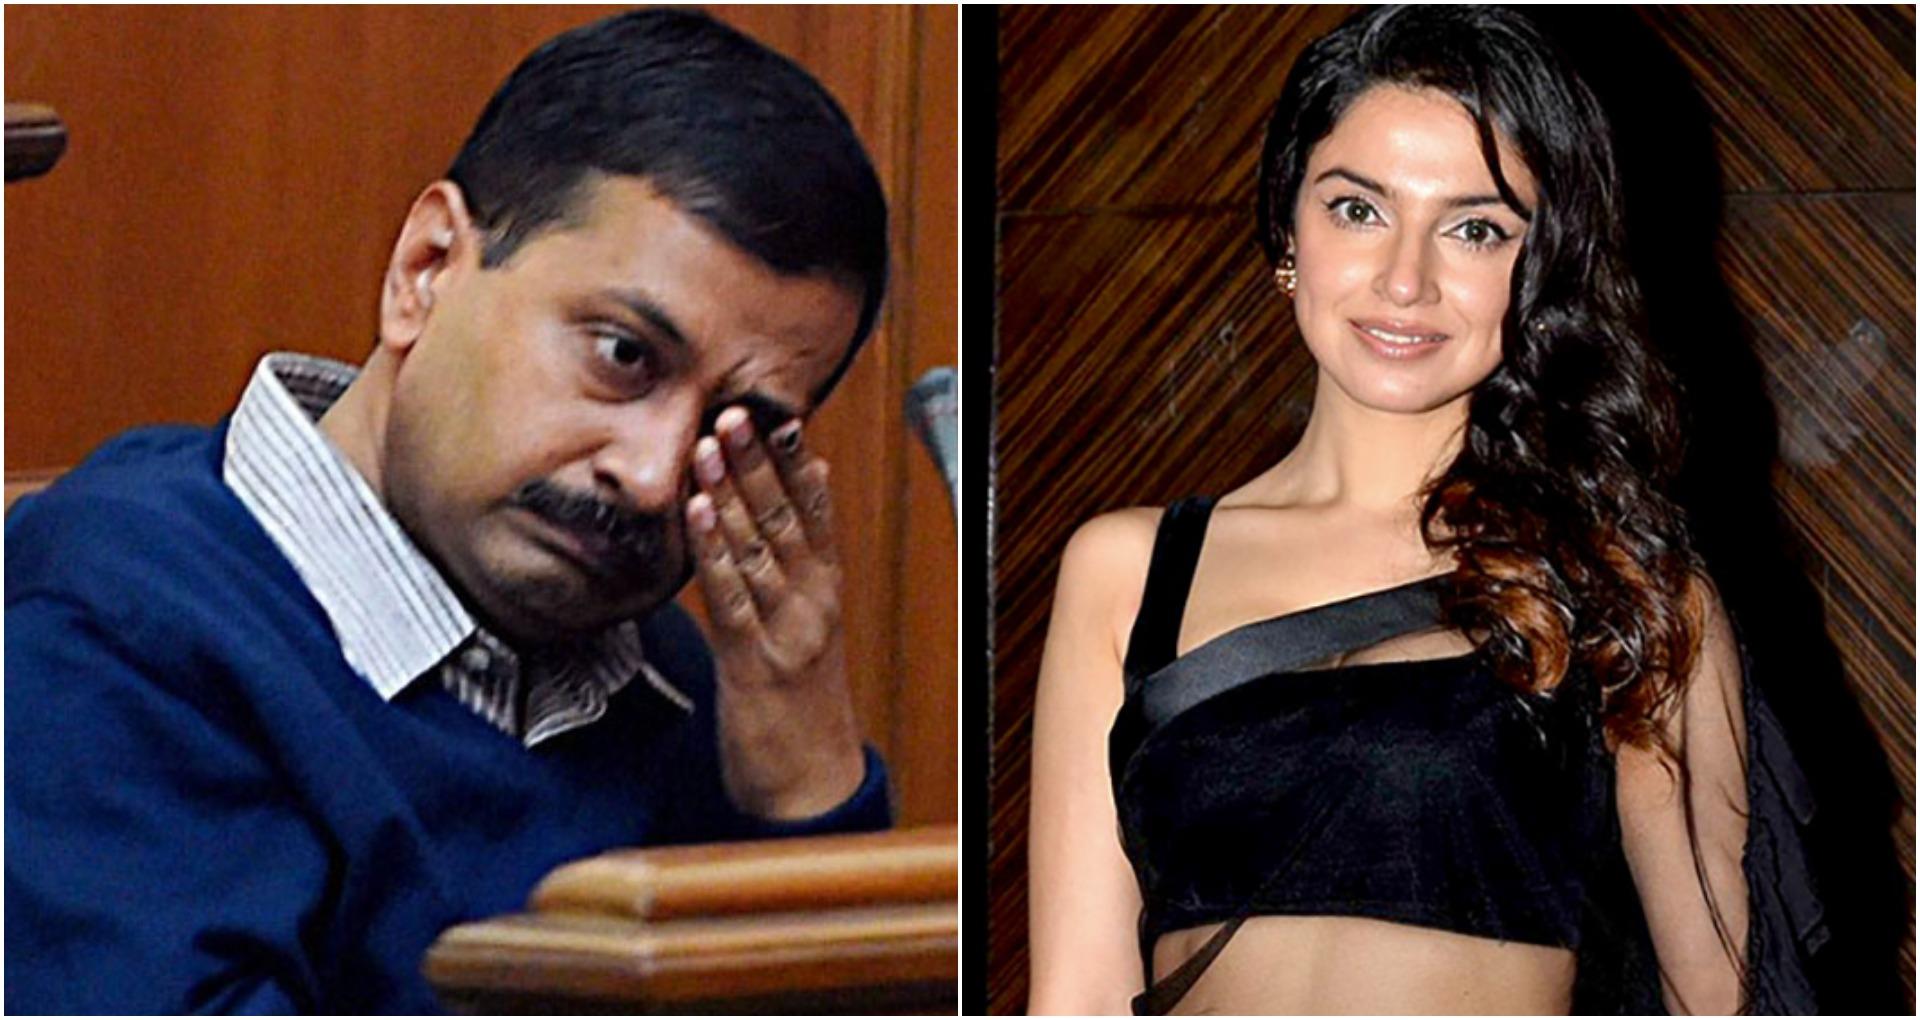 दिव्या खोसला कुमार के निशाने पर आए CM केजरीवाल, कहा-निजी विज्ञापन पर पैसे खर्च क्यों कर रहे हैं